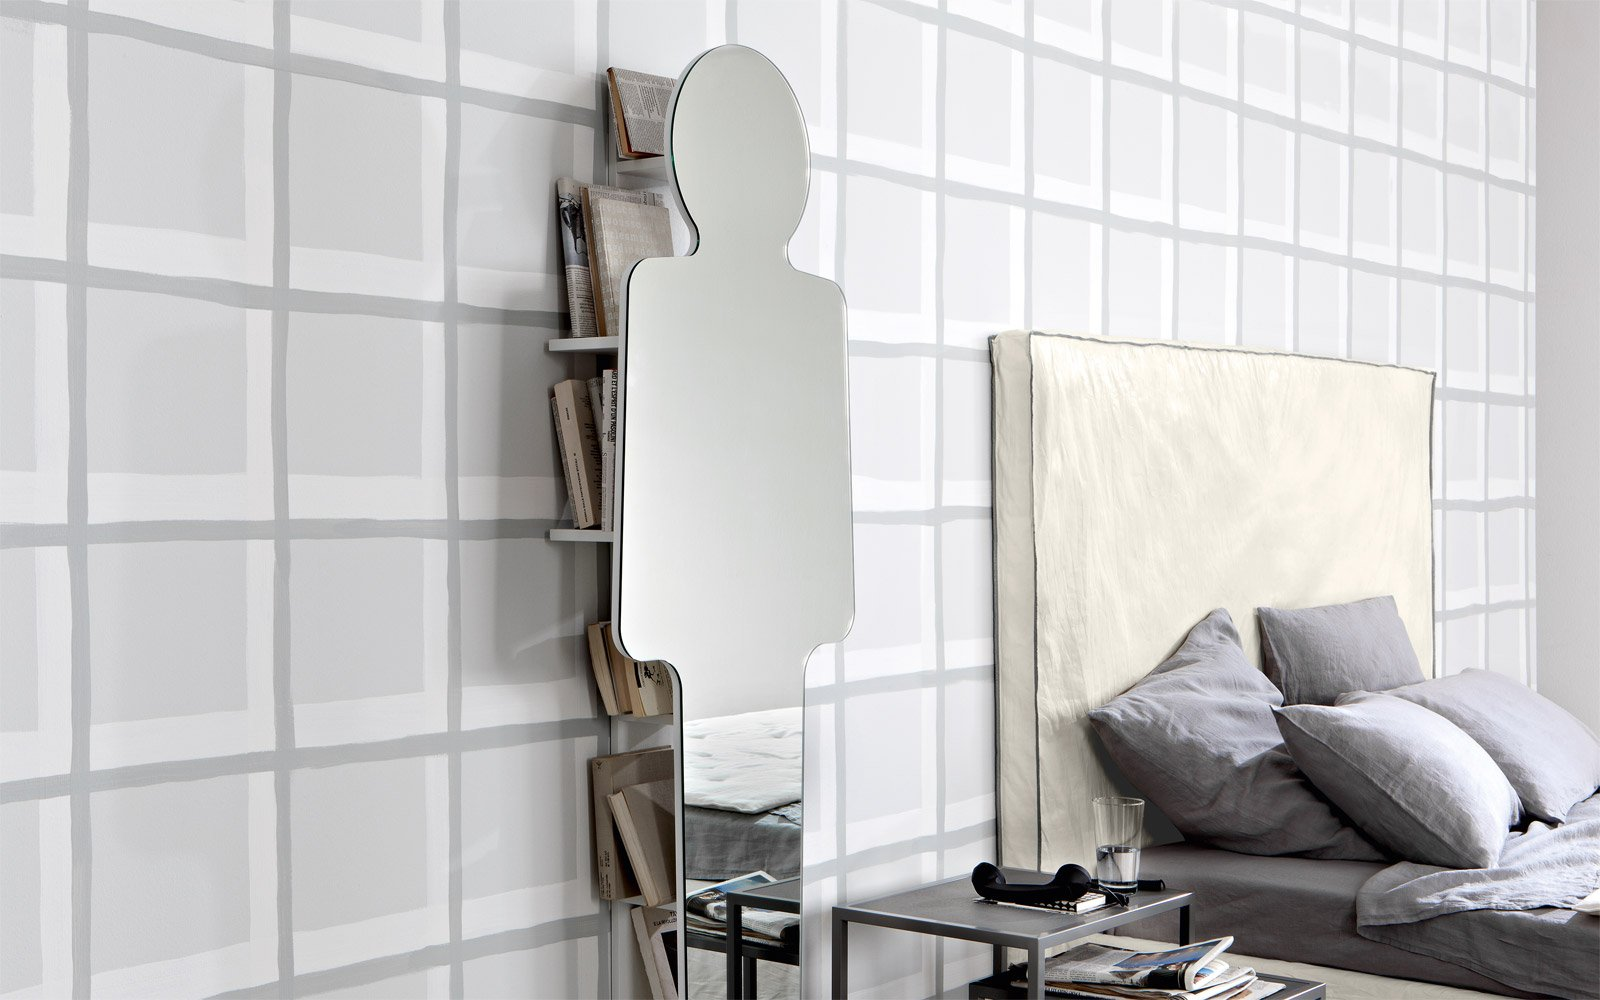 Mobili e accessori salvaspazio per la camera da letto cose di casa - Camera di letto usato ...